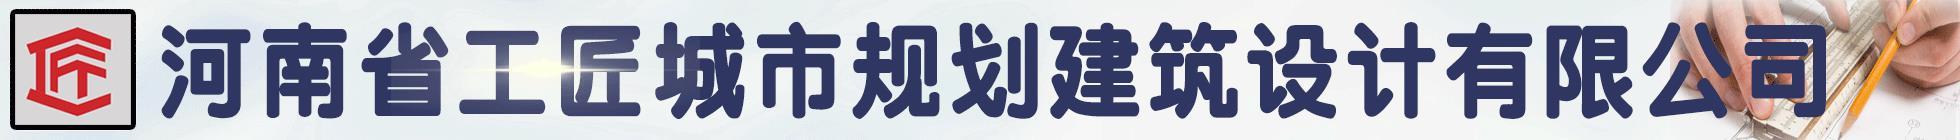 河南省工匠城市���建筑�O�有限公司